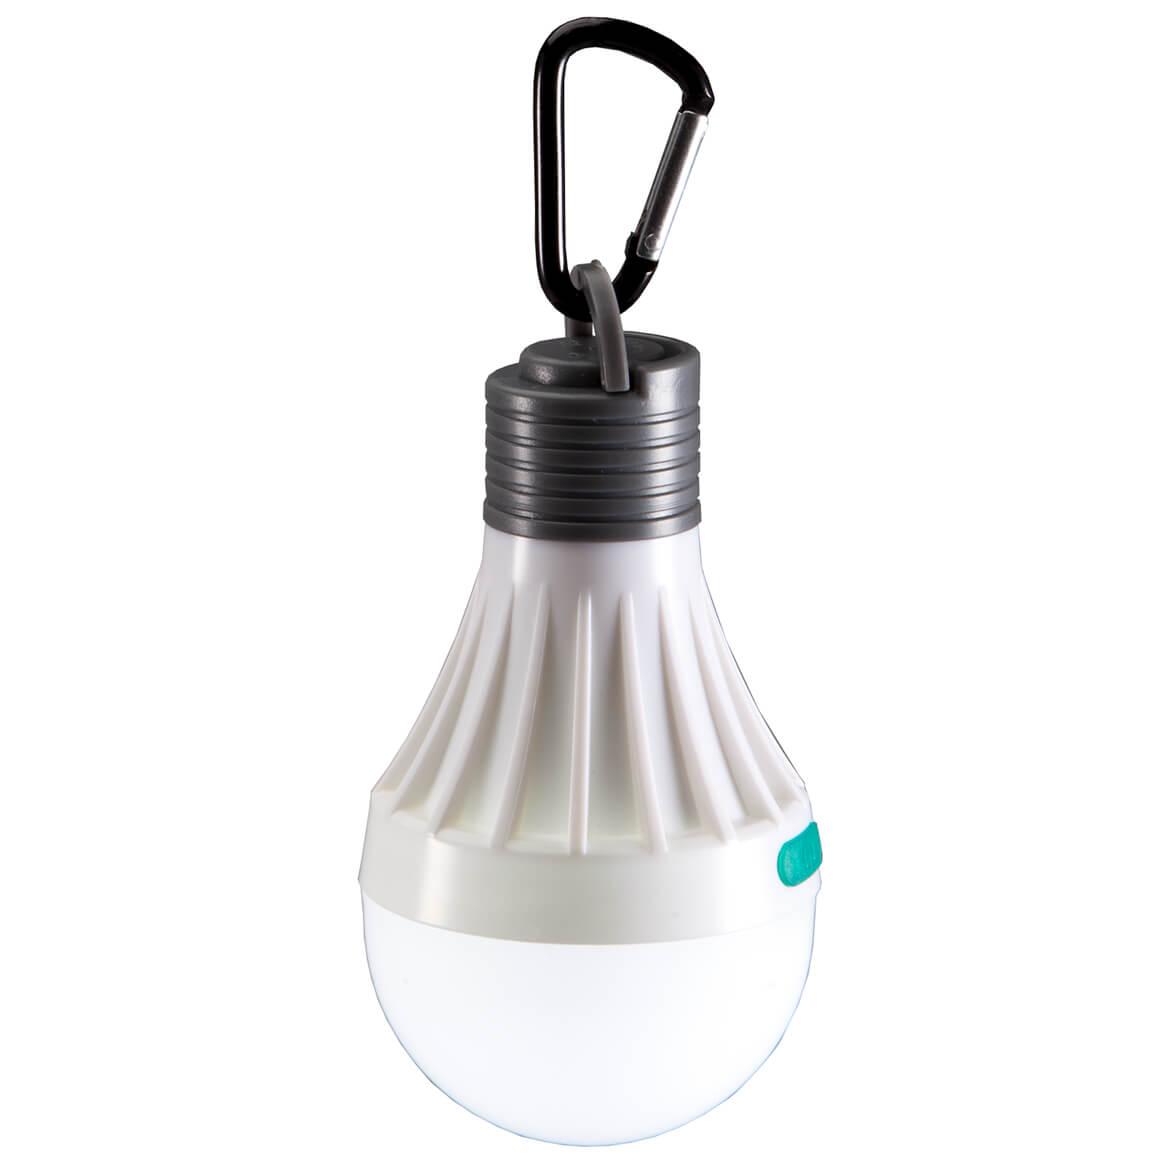 Mobile LED Light Bulb